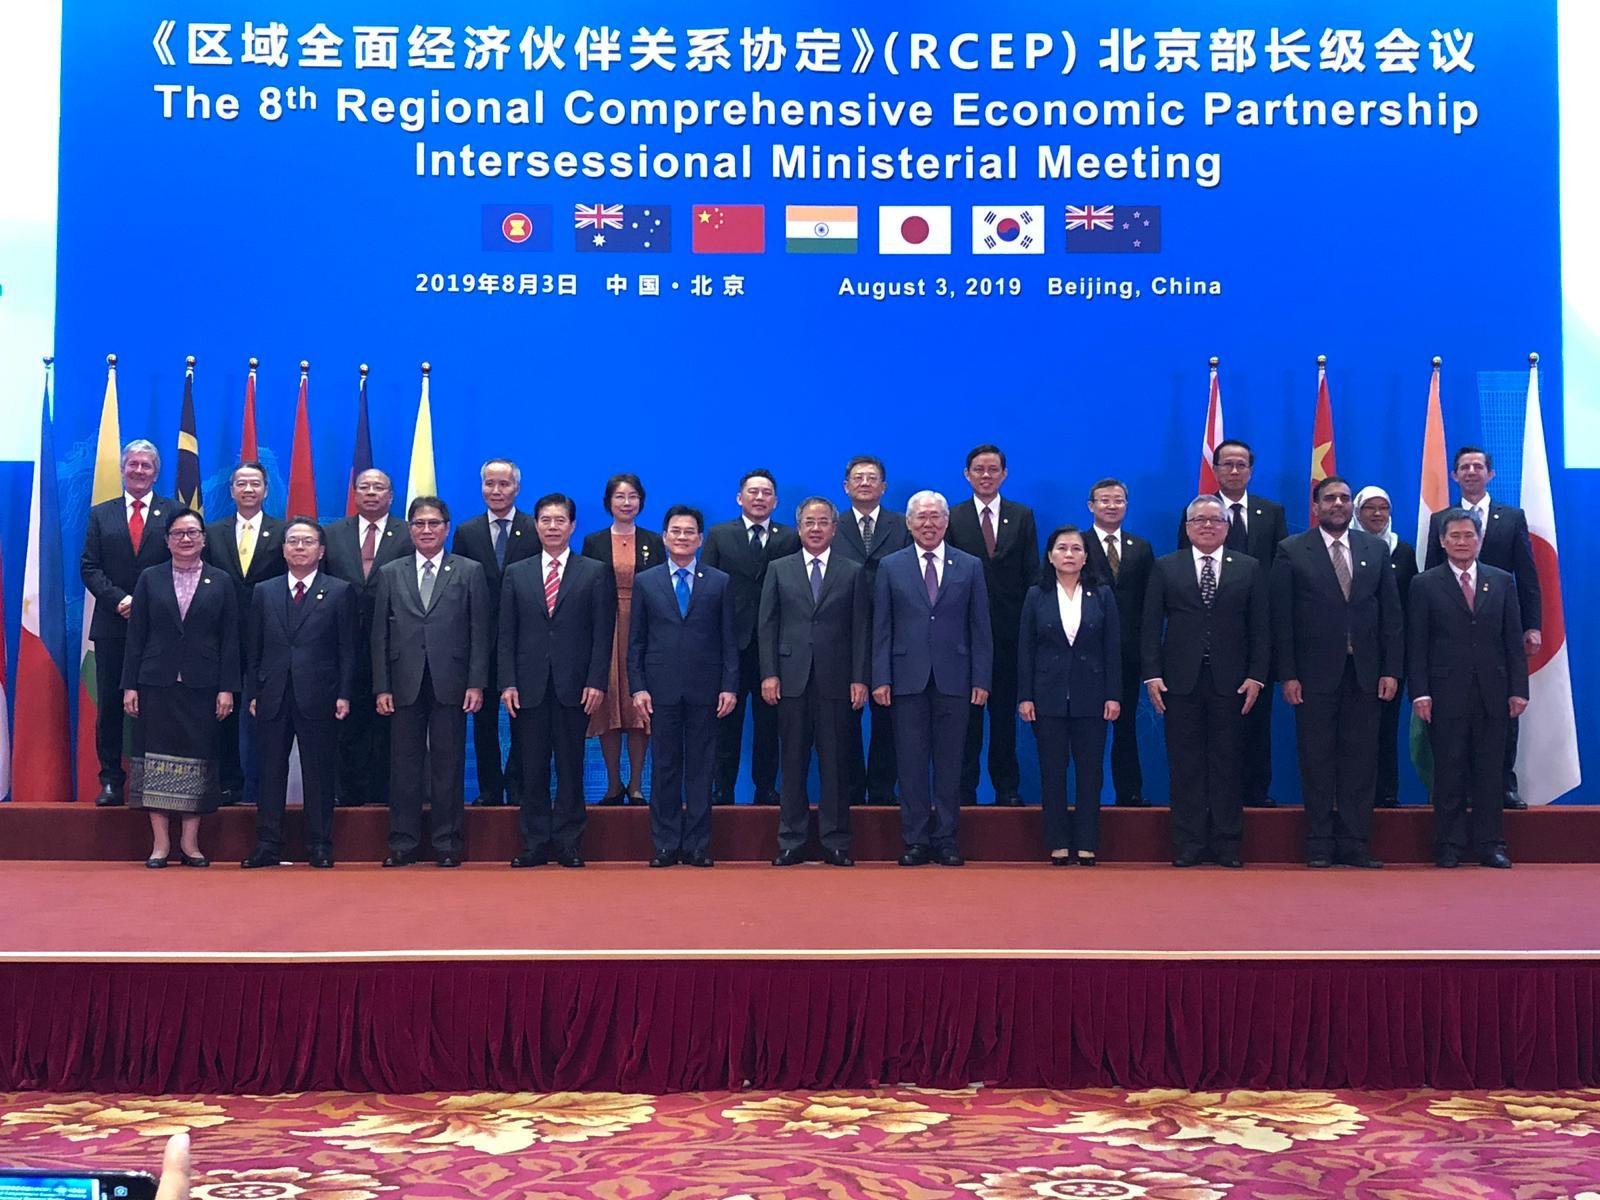 15 کشور آسیا-اقیانوسیه روز یکشنبه بزرگ ترین قرارداد تجارت آزاد جهان را امضا کردند که موفقیتی بزرگ برای چین در توسعه سلطه خود بر اقتصاد جهان به شمار می آید.